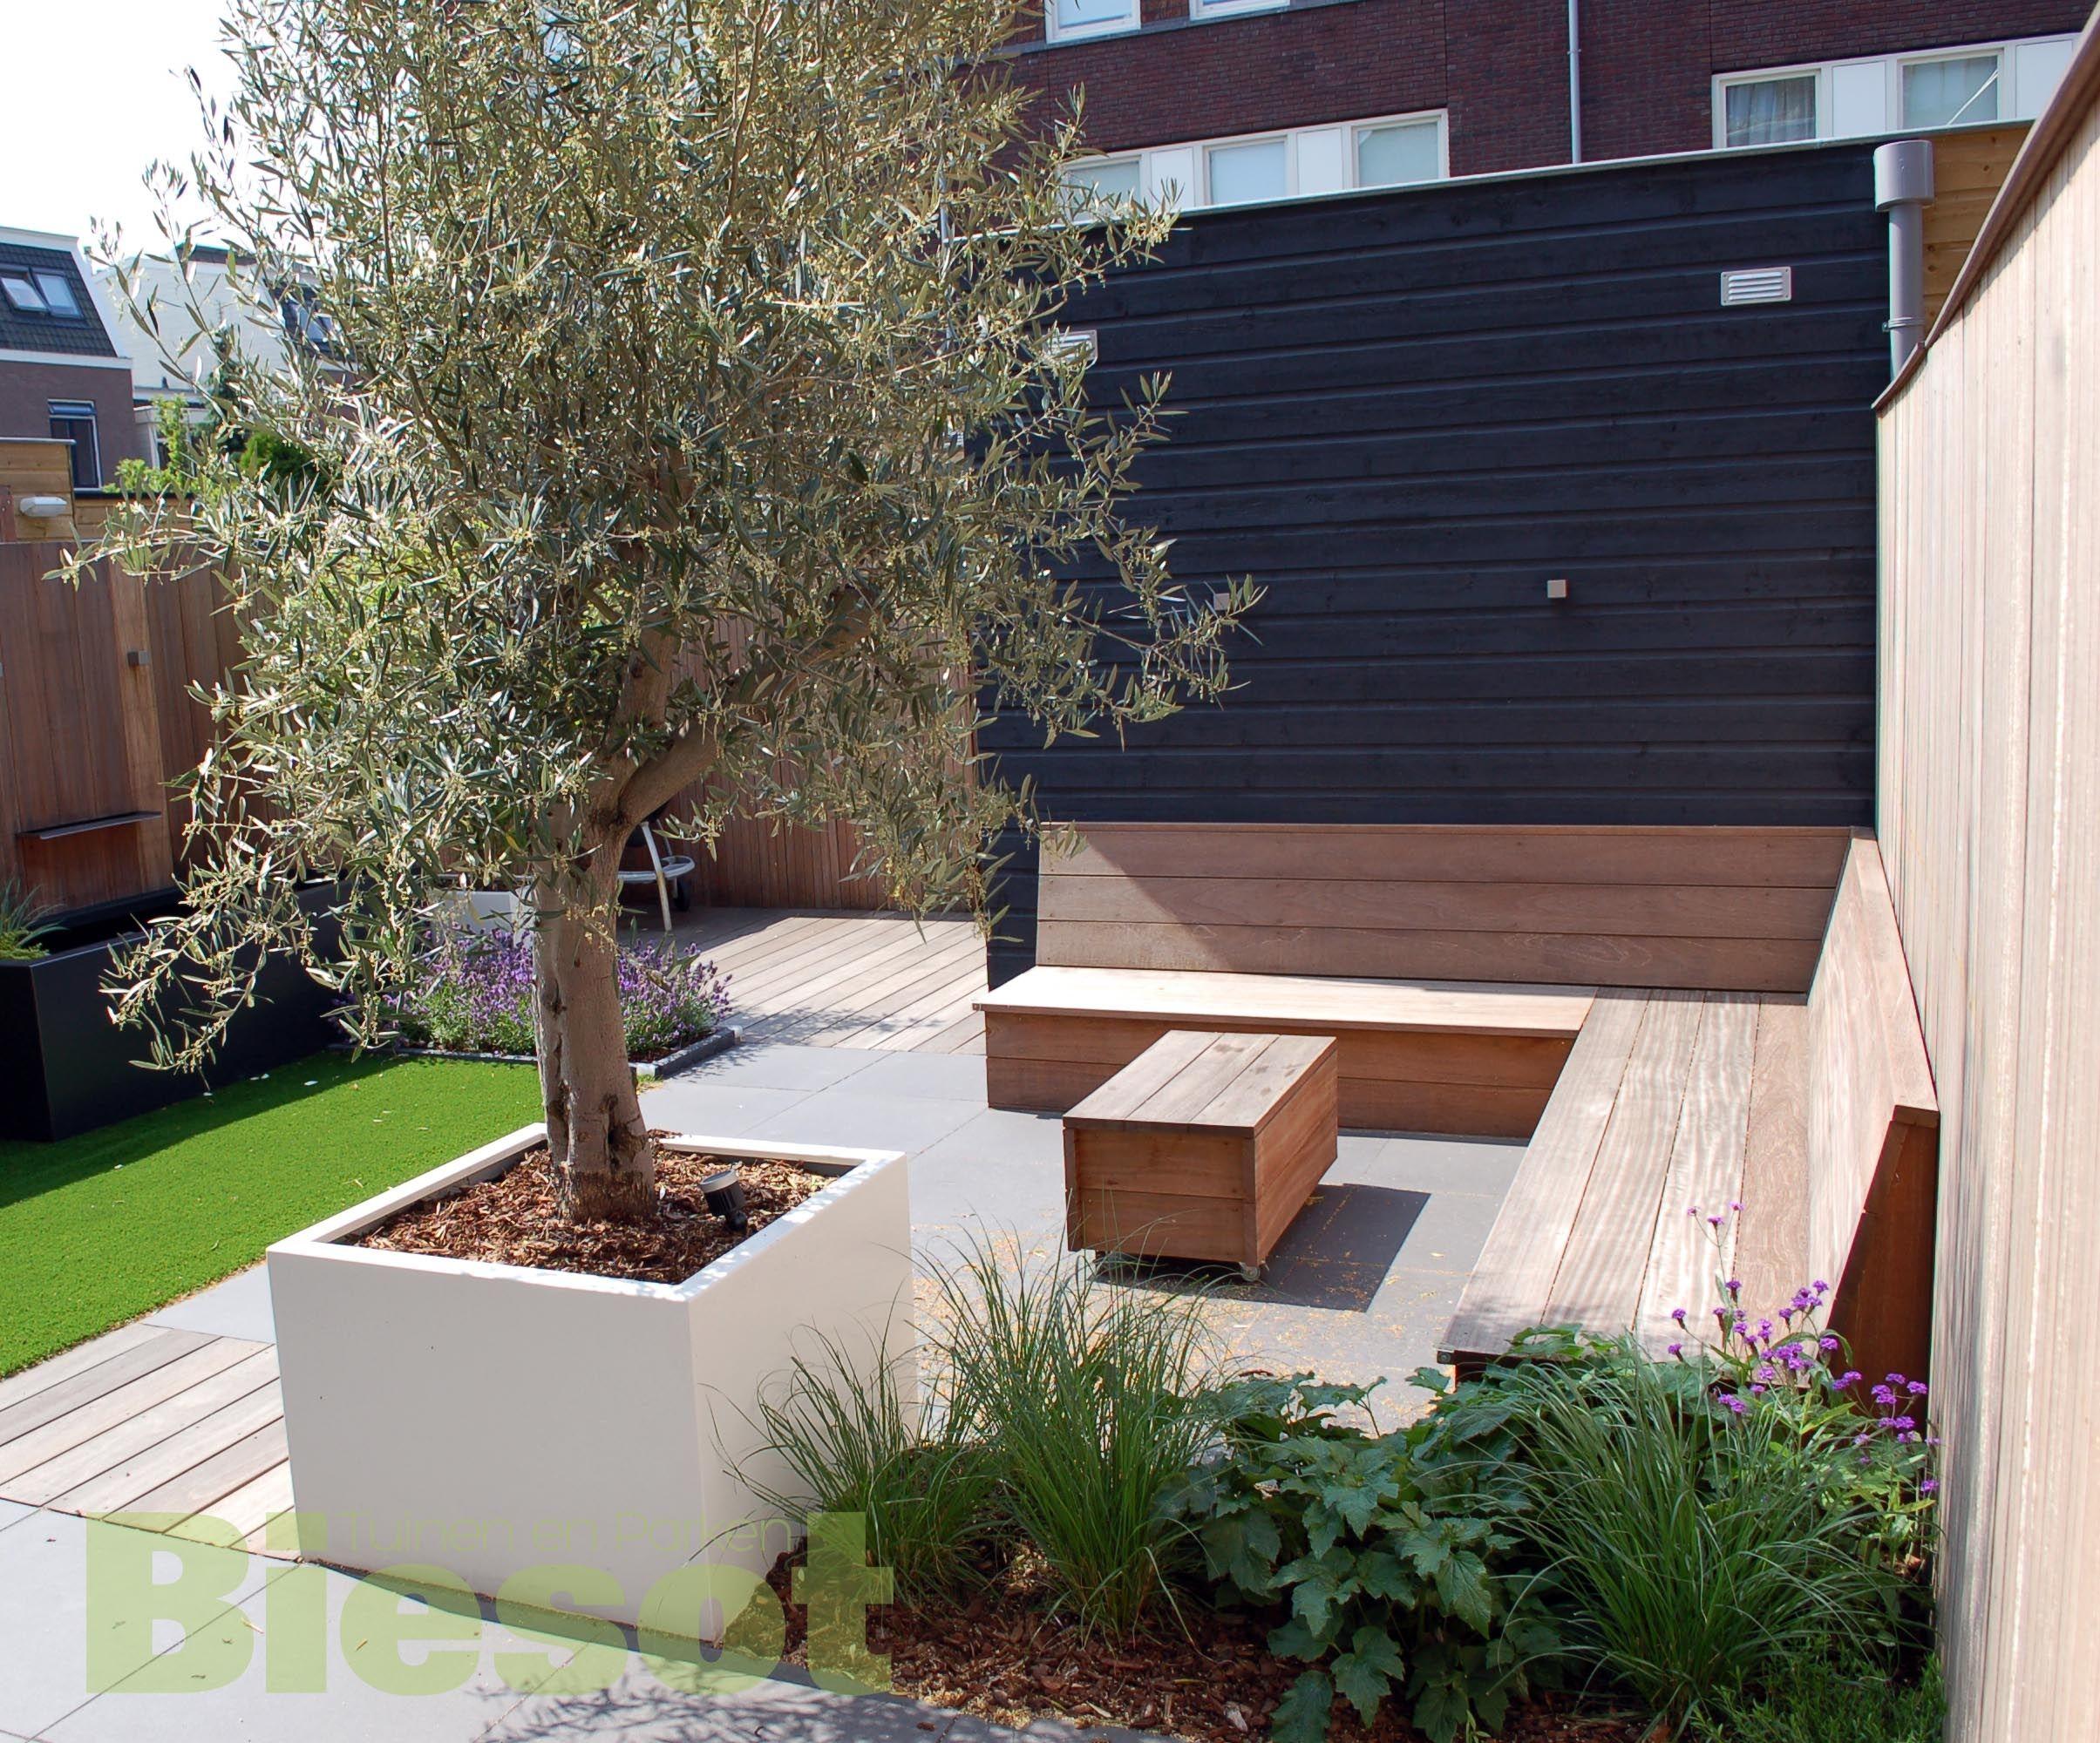 Tuinontwerp kleine tuin eigentijdse kleine tuin nieuws biesot